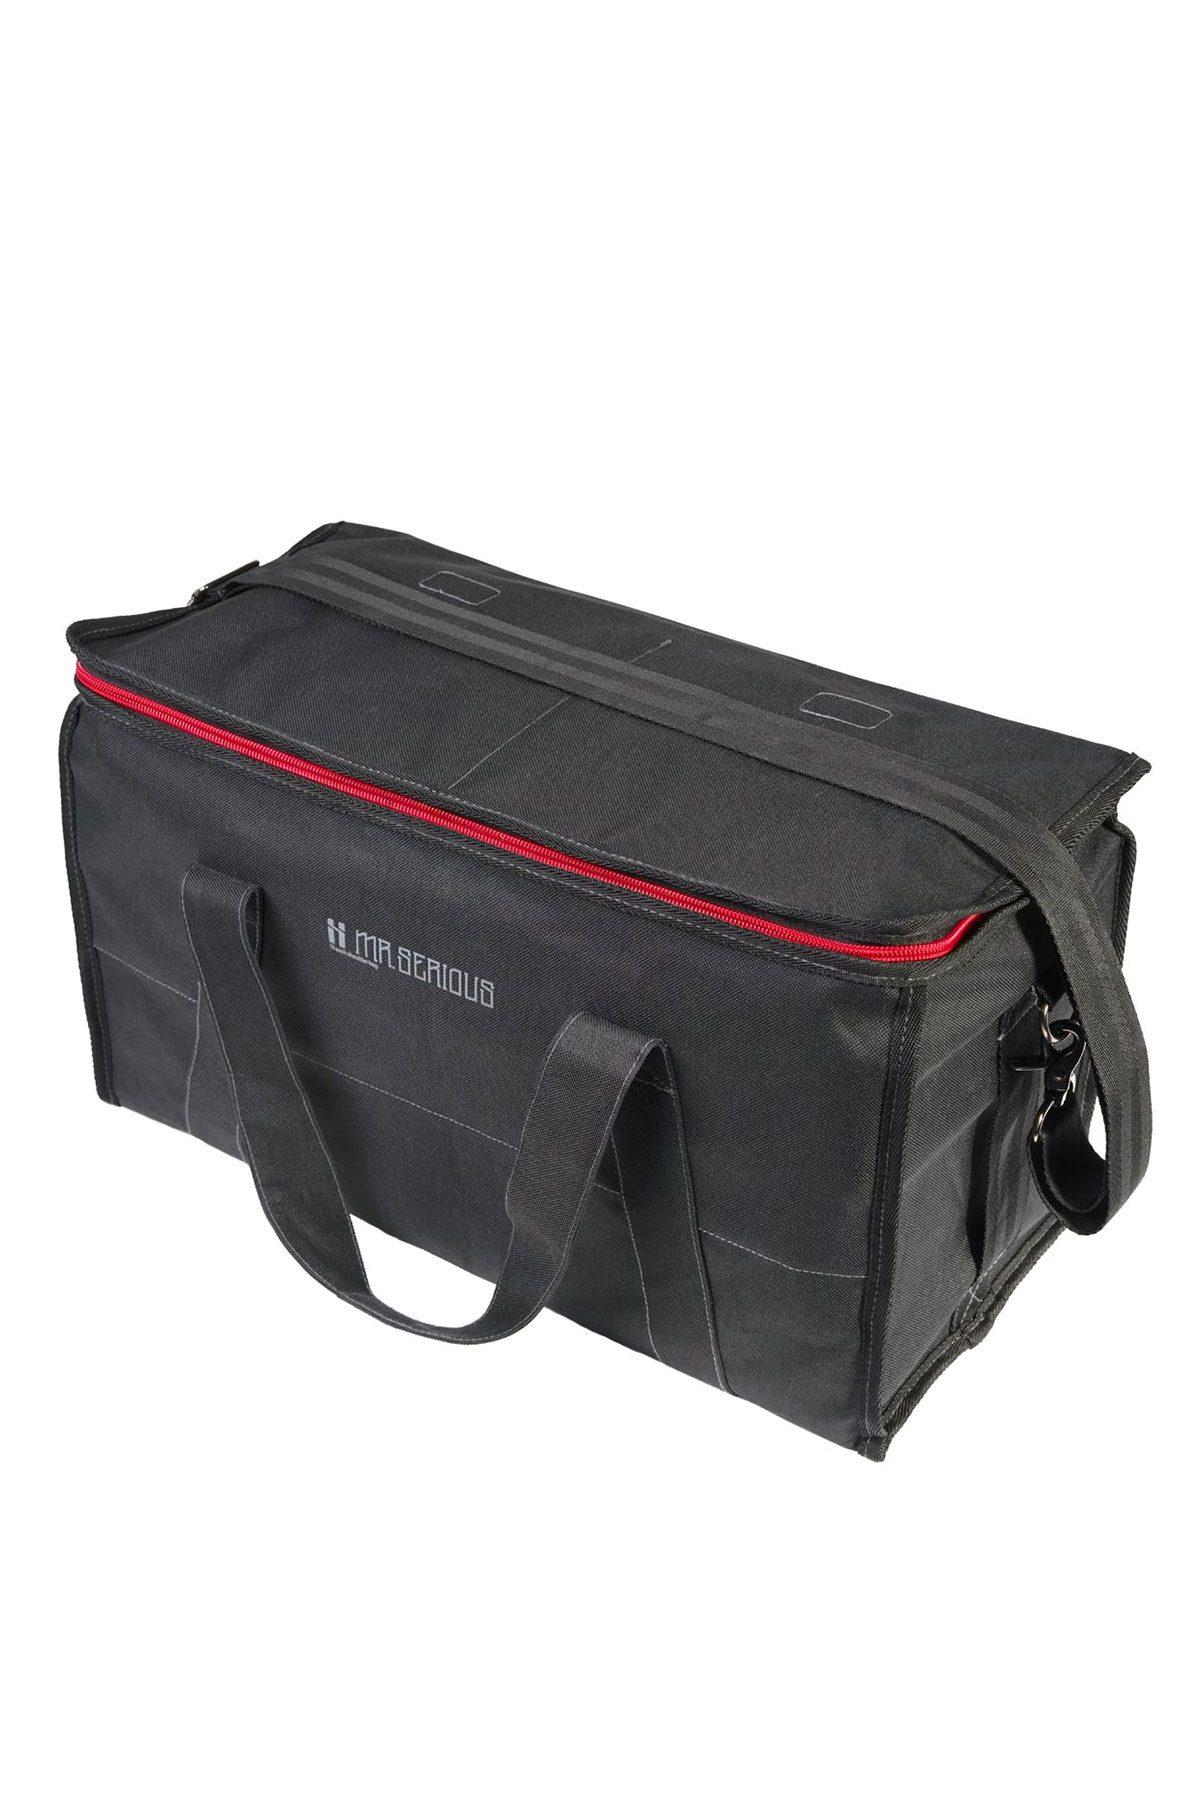 Mr. Serious 18 PACK Shoulder Bag